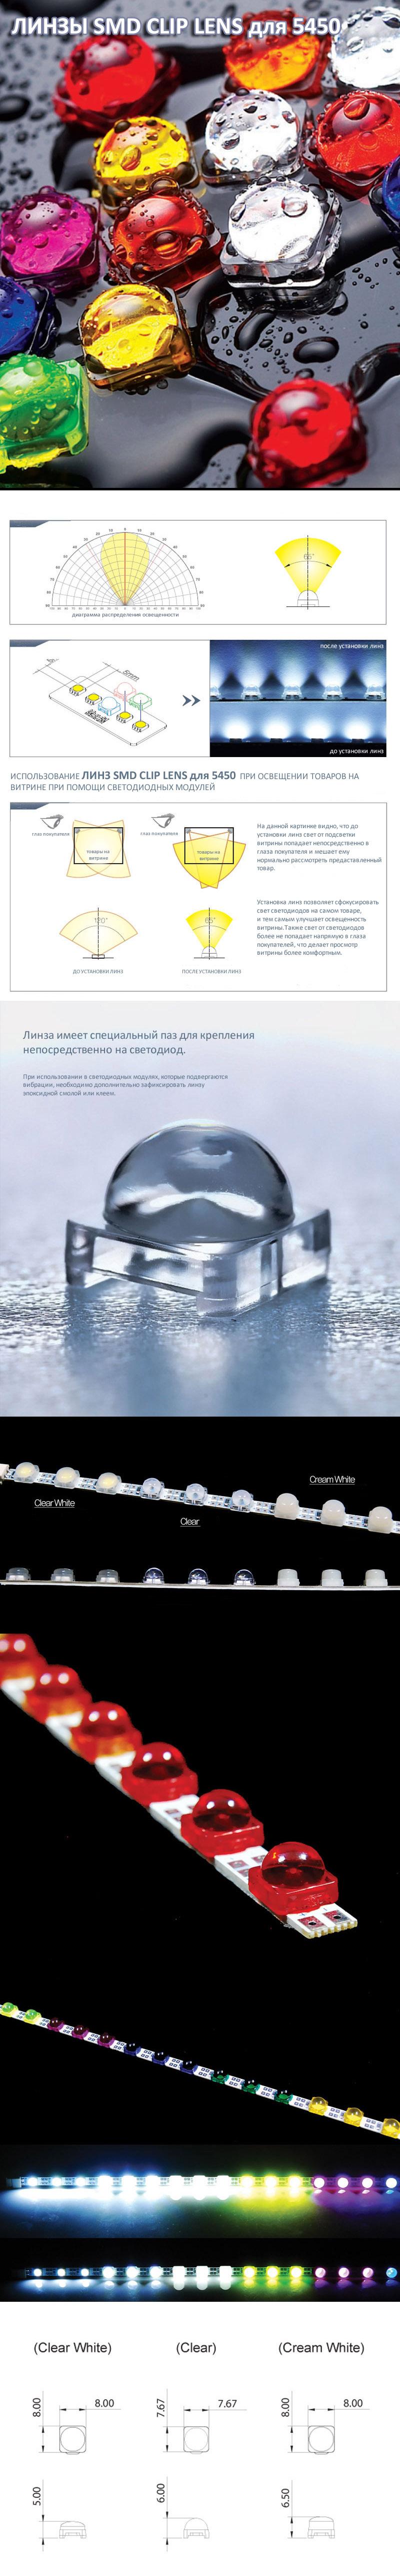 Линза SMD CLIP LENS для 5450 CLEAR WHITE (дымчато-белая)